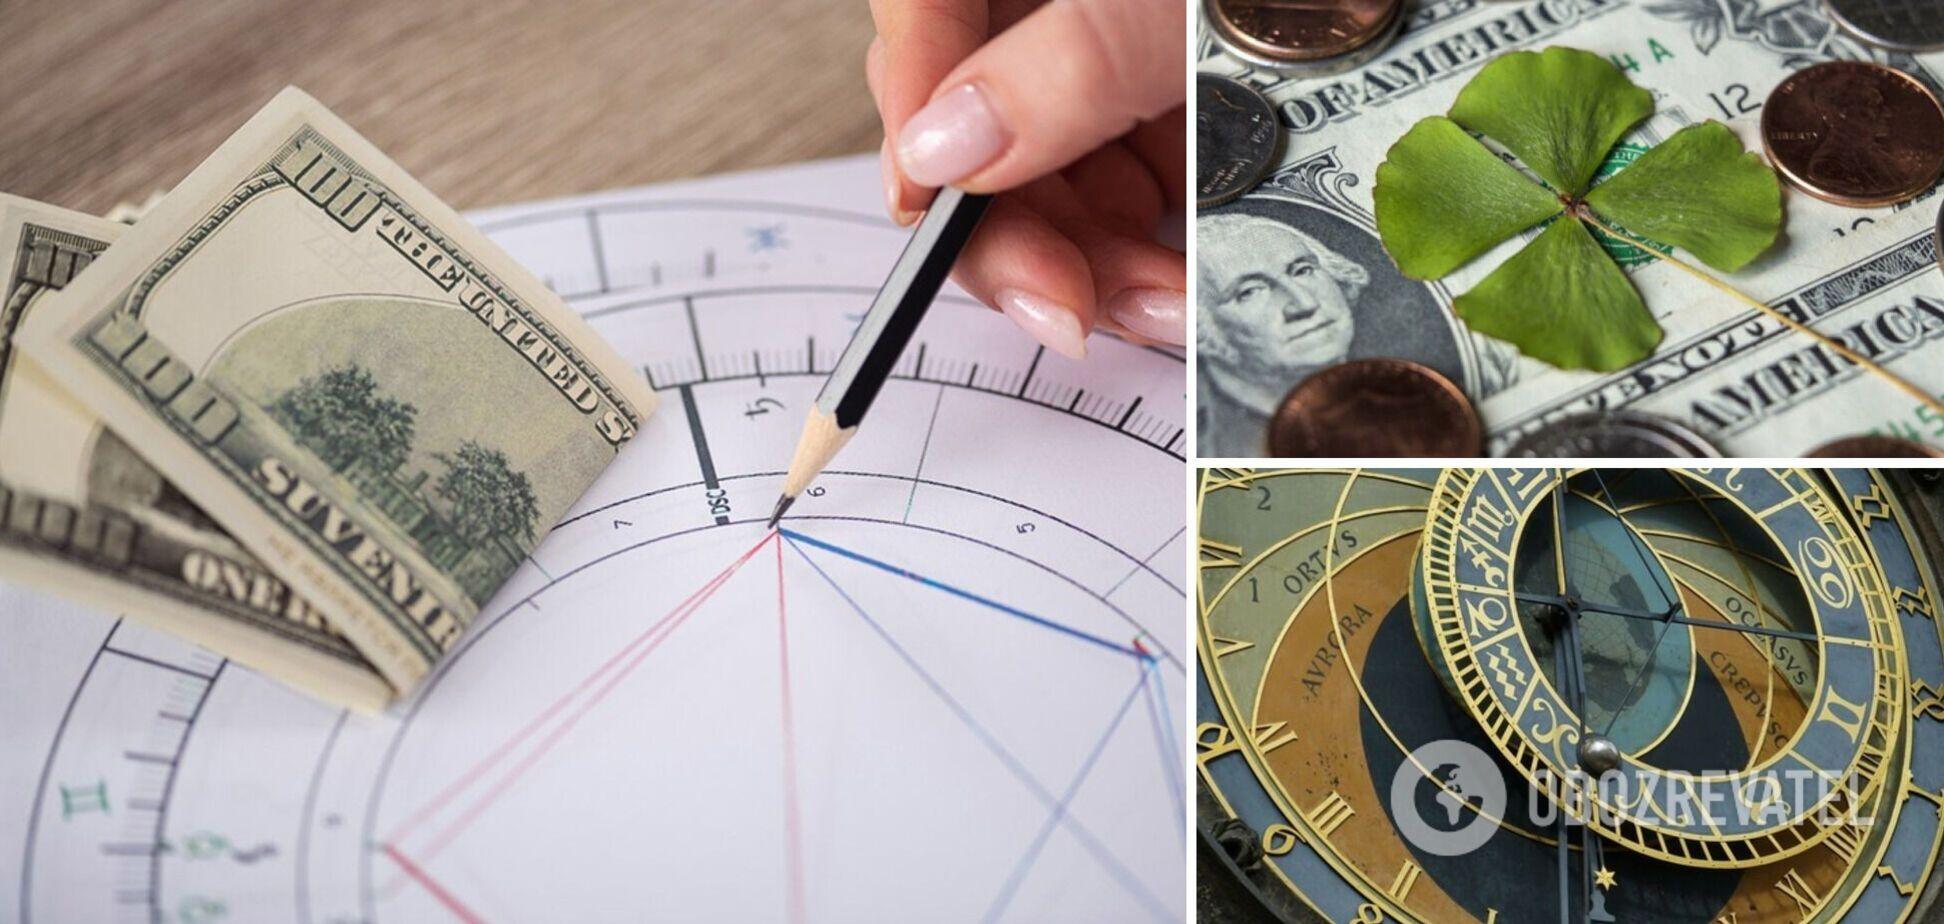 Кому пощастить з грошима, а кому доведеться економити: фінансовий гороскоп на вересень